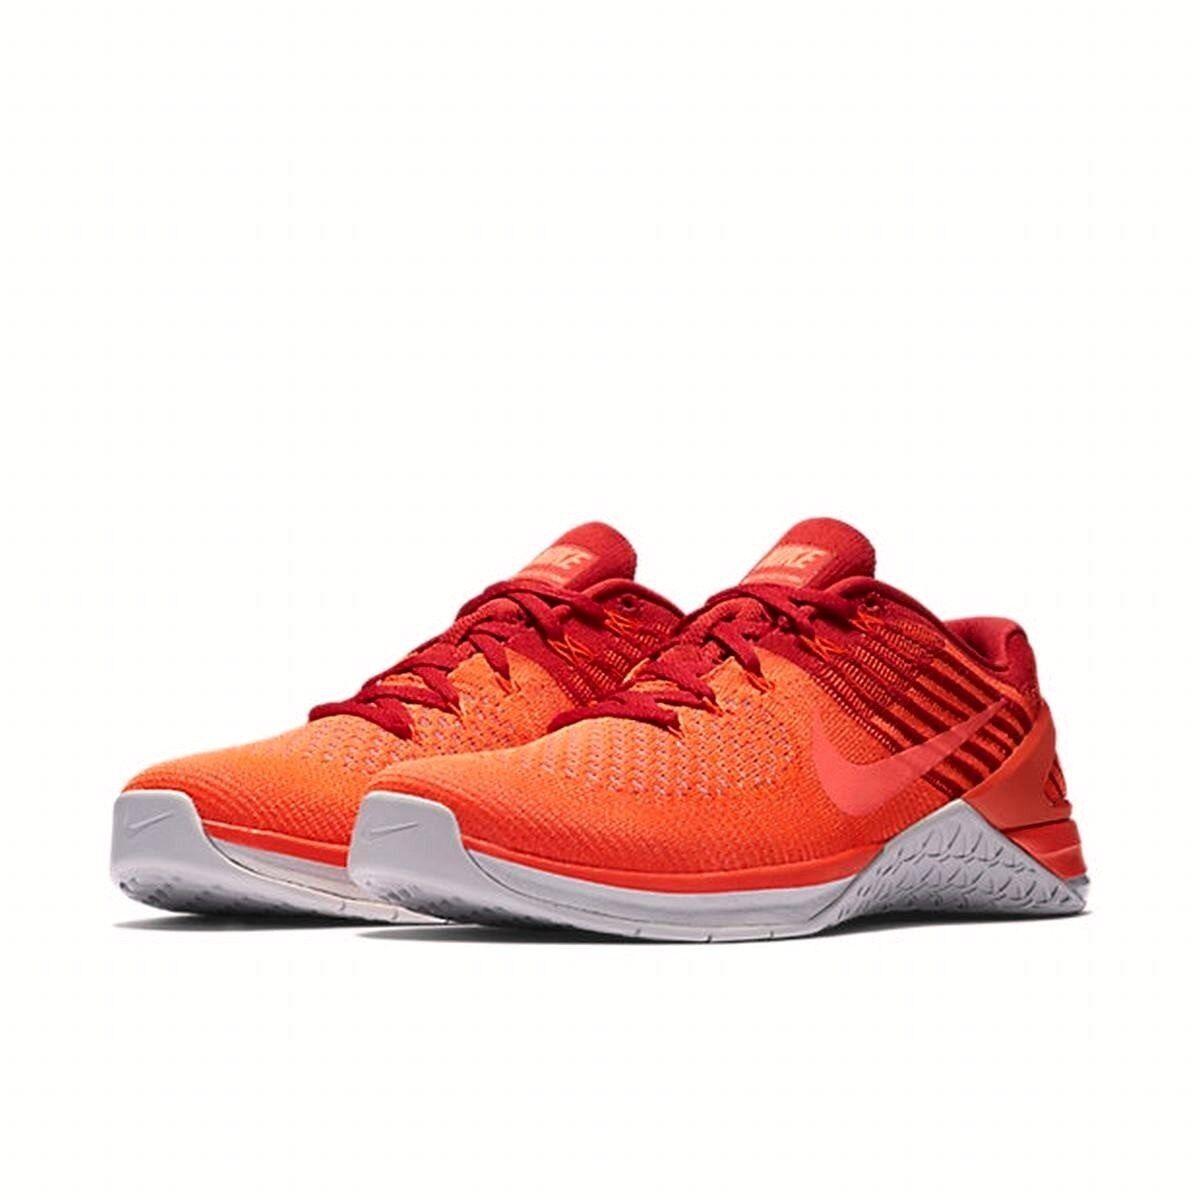 Nike metcon dsx flyknit red scarpe palestra formazione scarpe e scarpe red da ginnastica Uomo 852930 948231